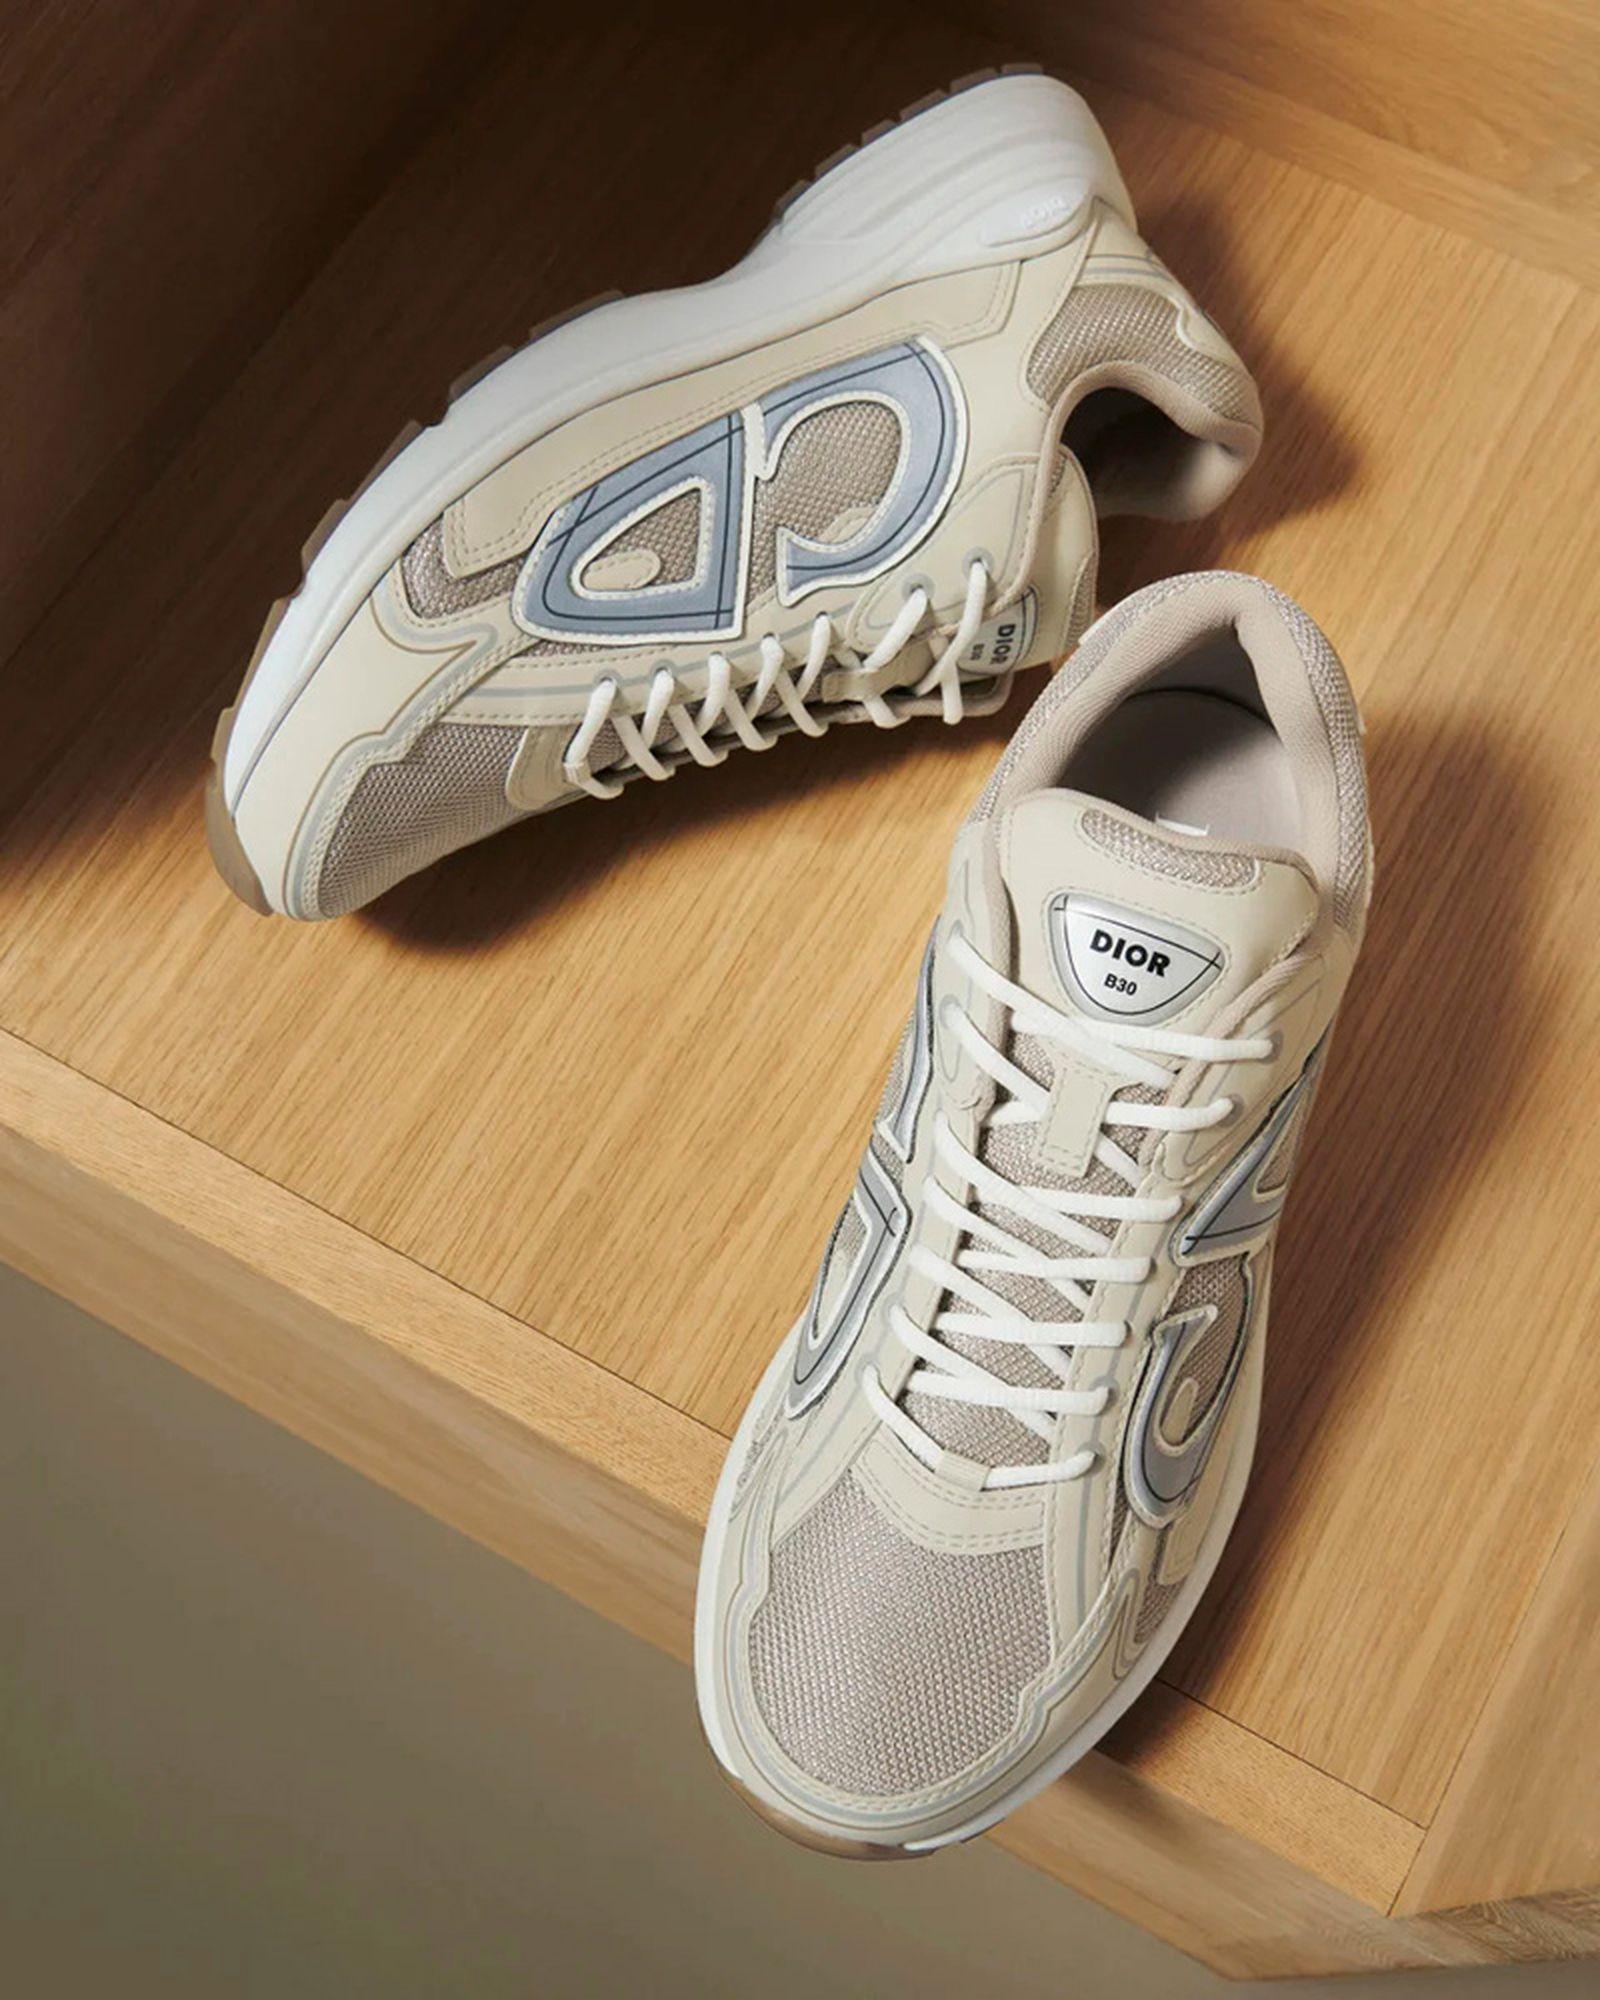 dior-sneaker-main